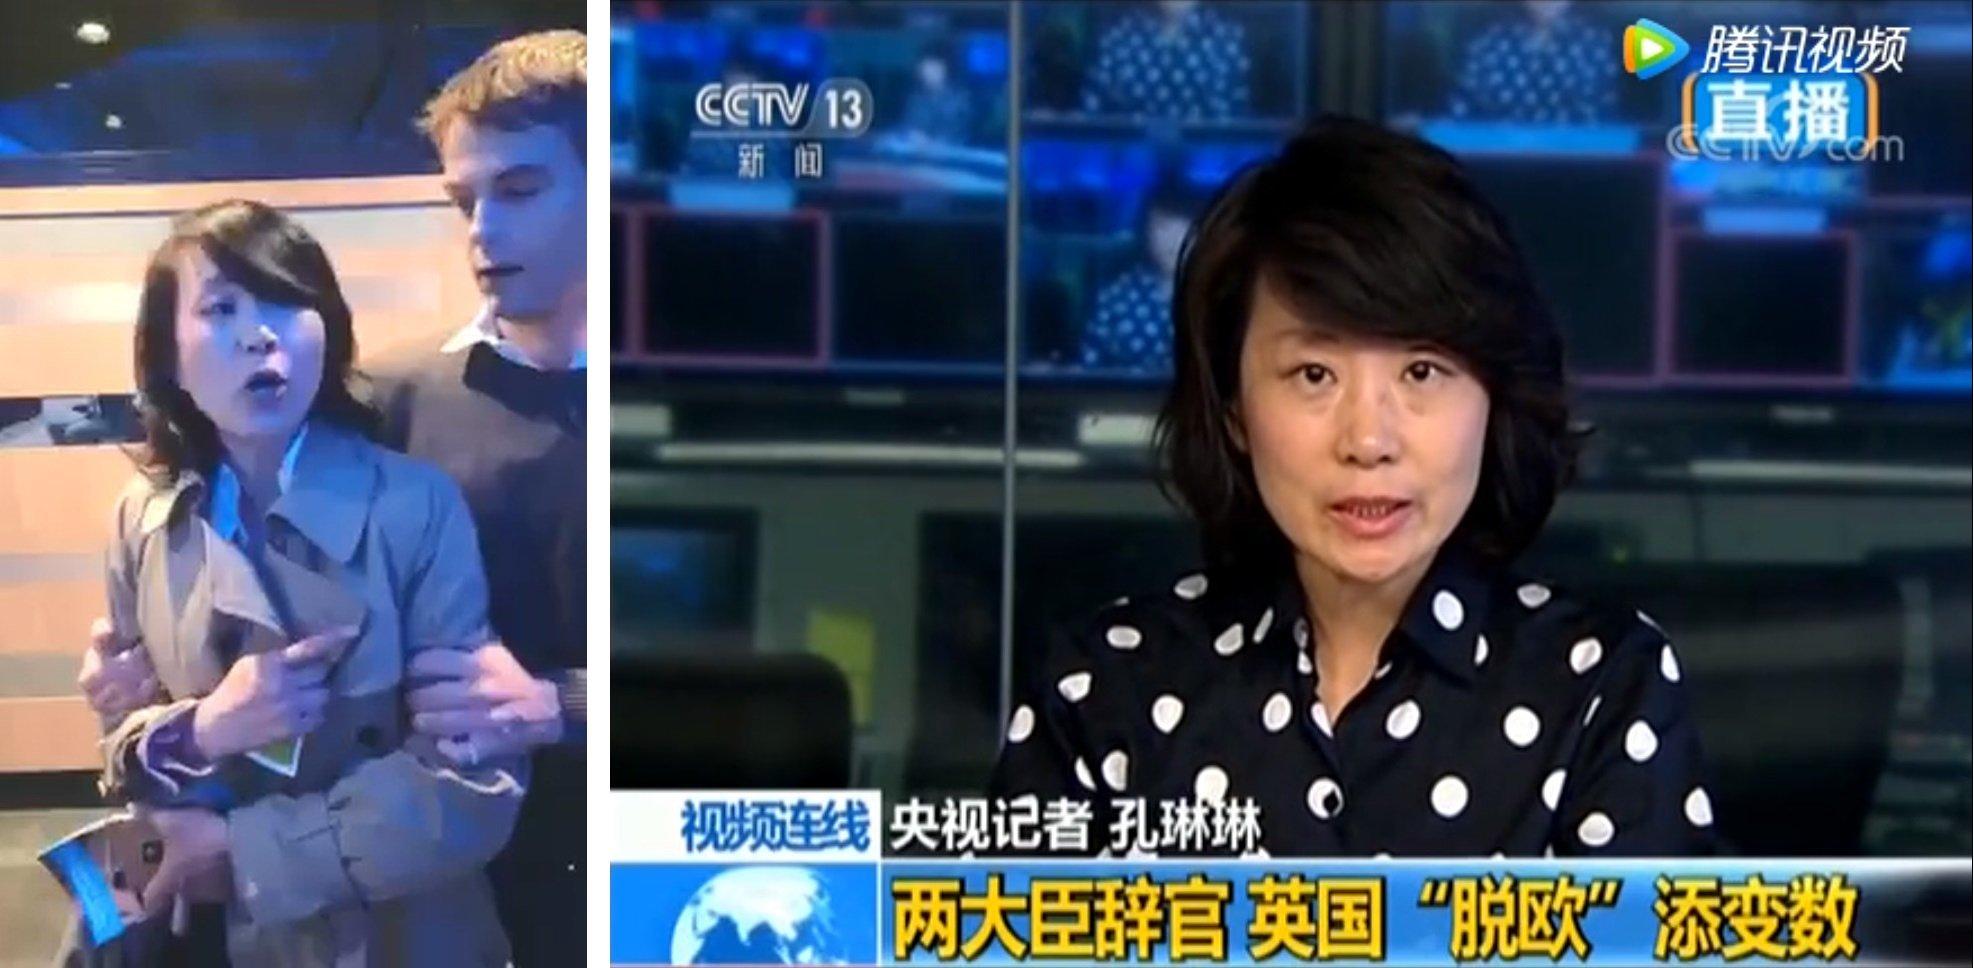 一名央視女記者周日在英國保守黨年會一個有關香港問題的講座大叫及打人,事後被英國警方拘捕。據本報翻查資料,該央視駐英國女記者名叫孔琳琳。(影片擷圖)